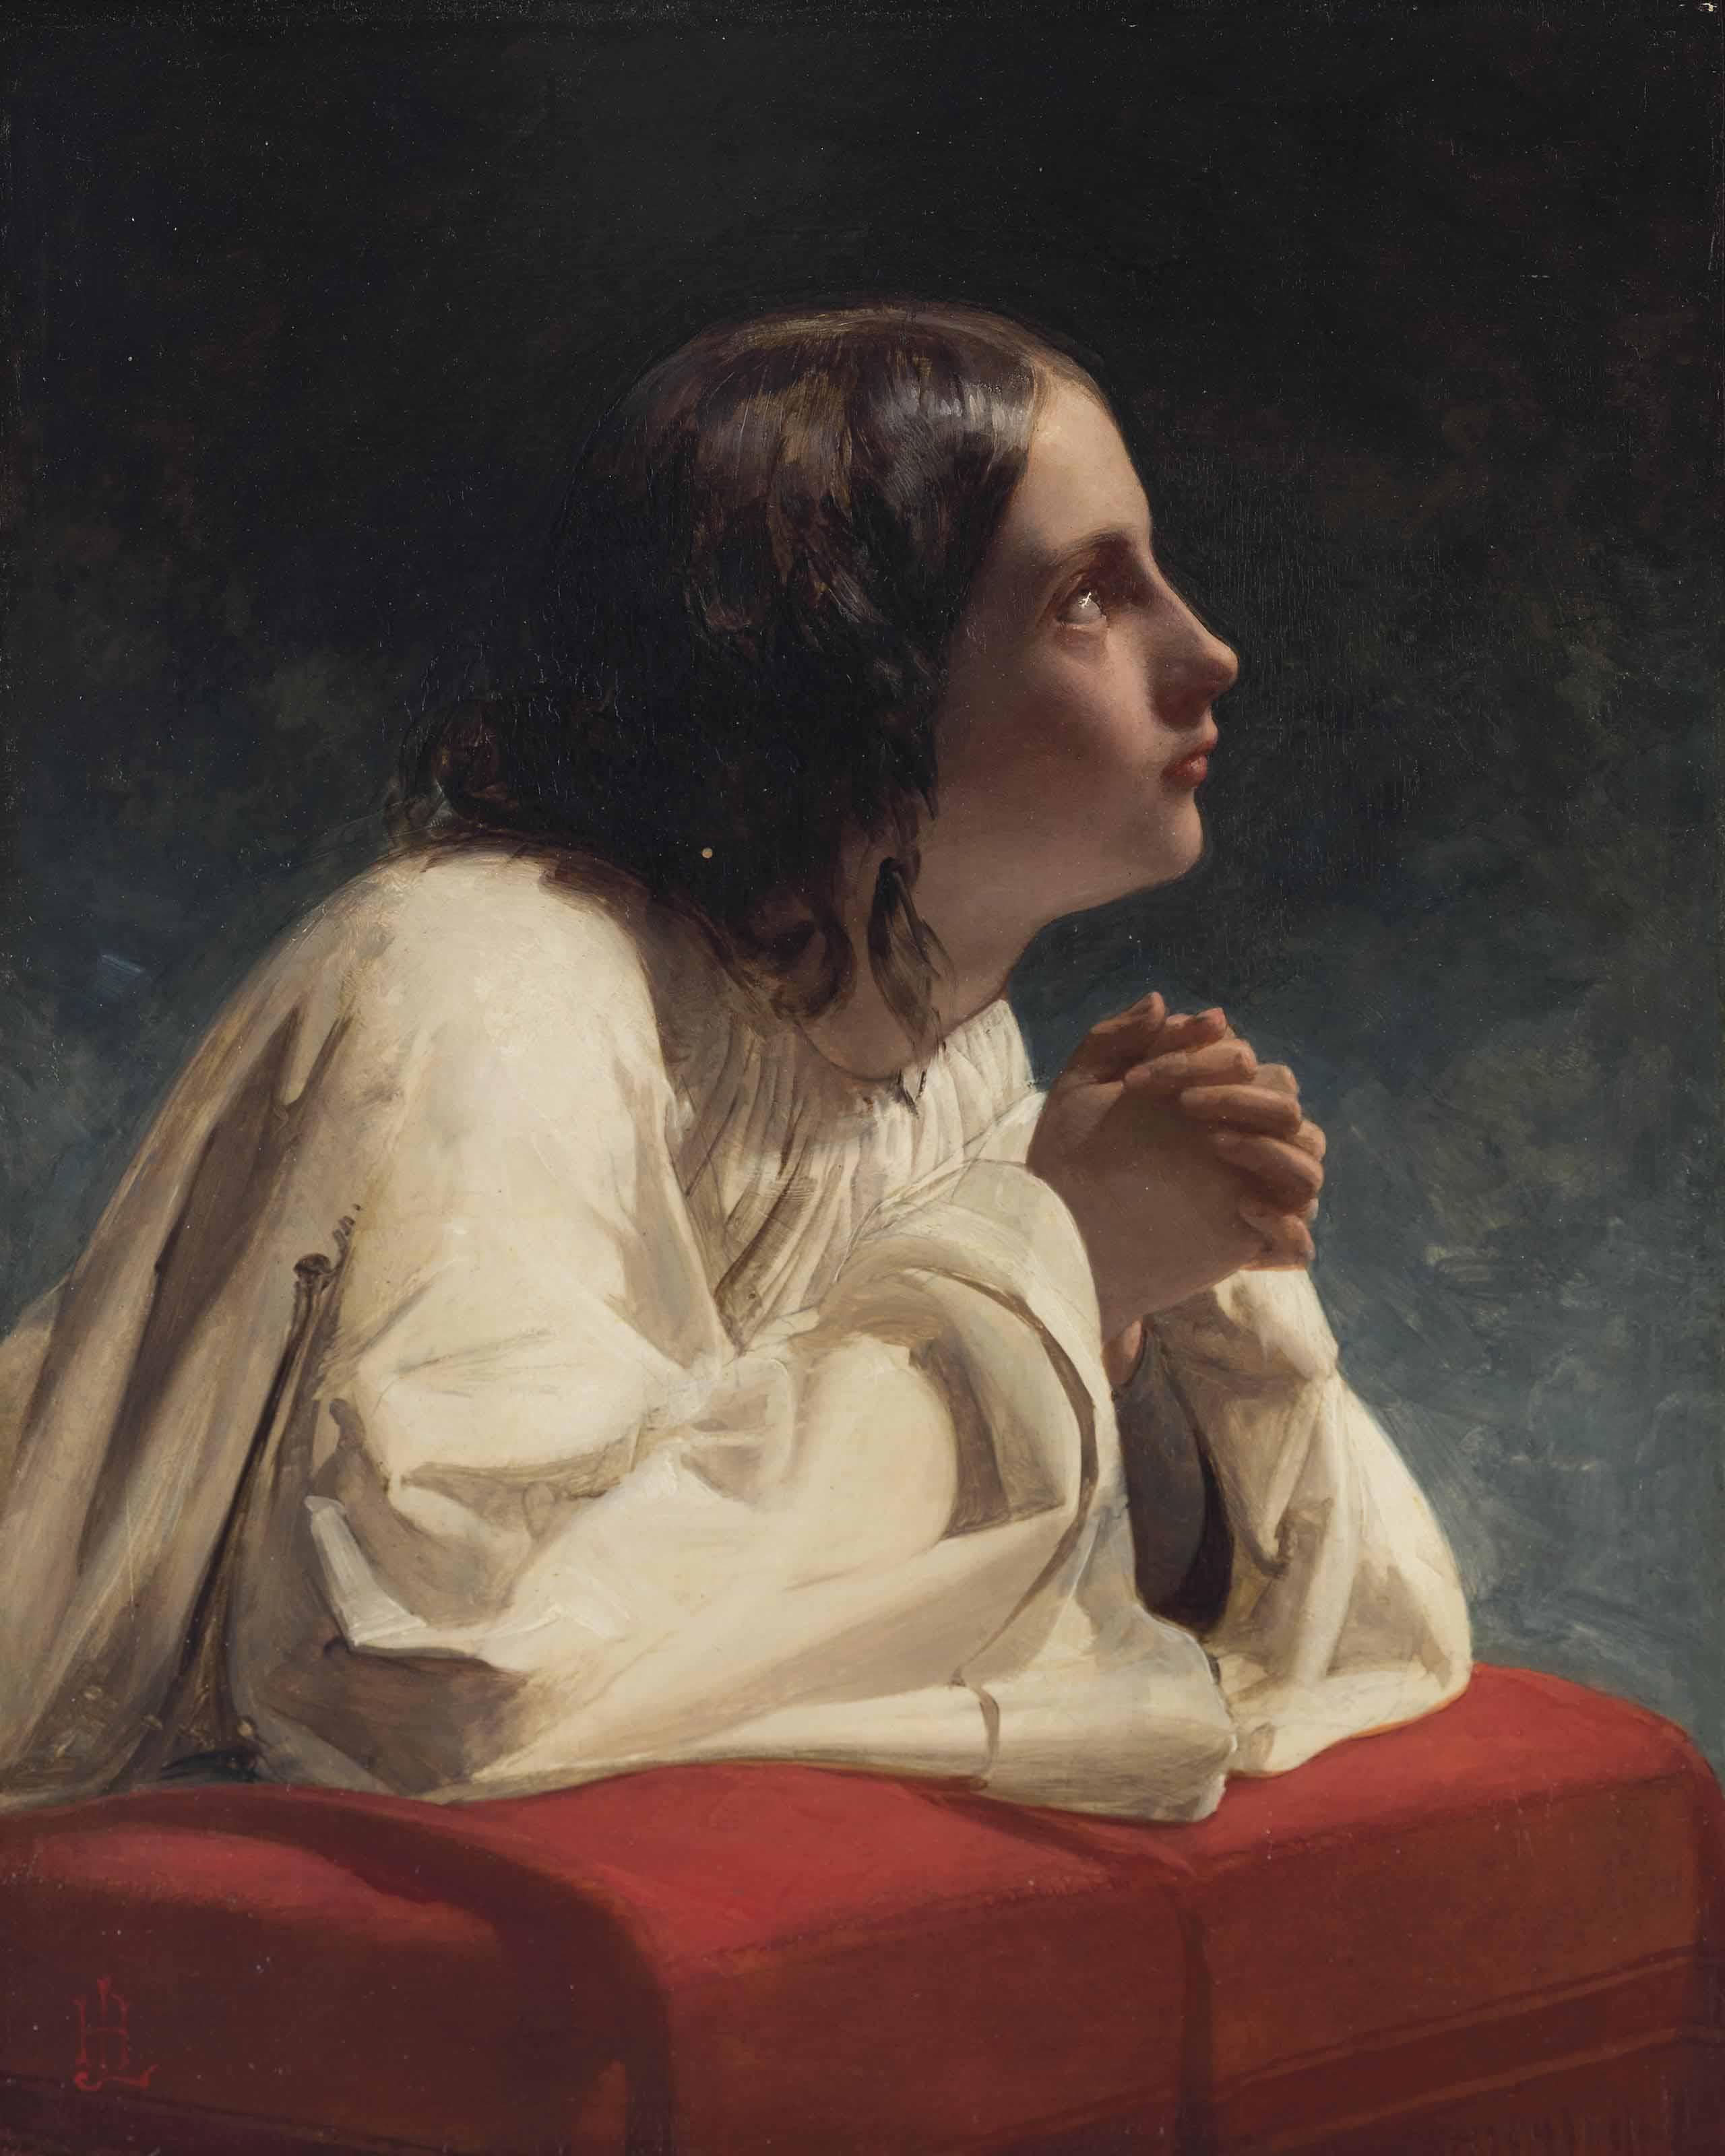 Infant prayer